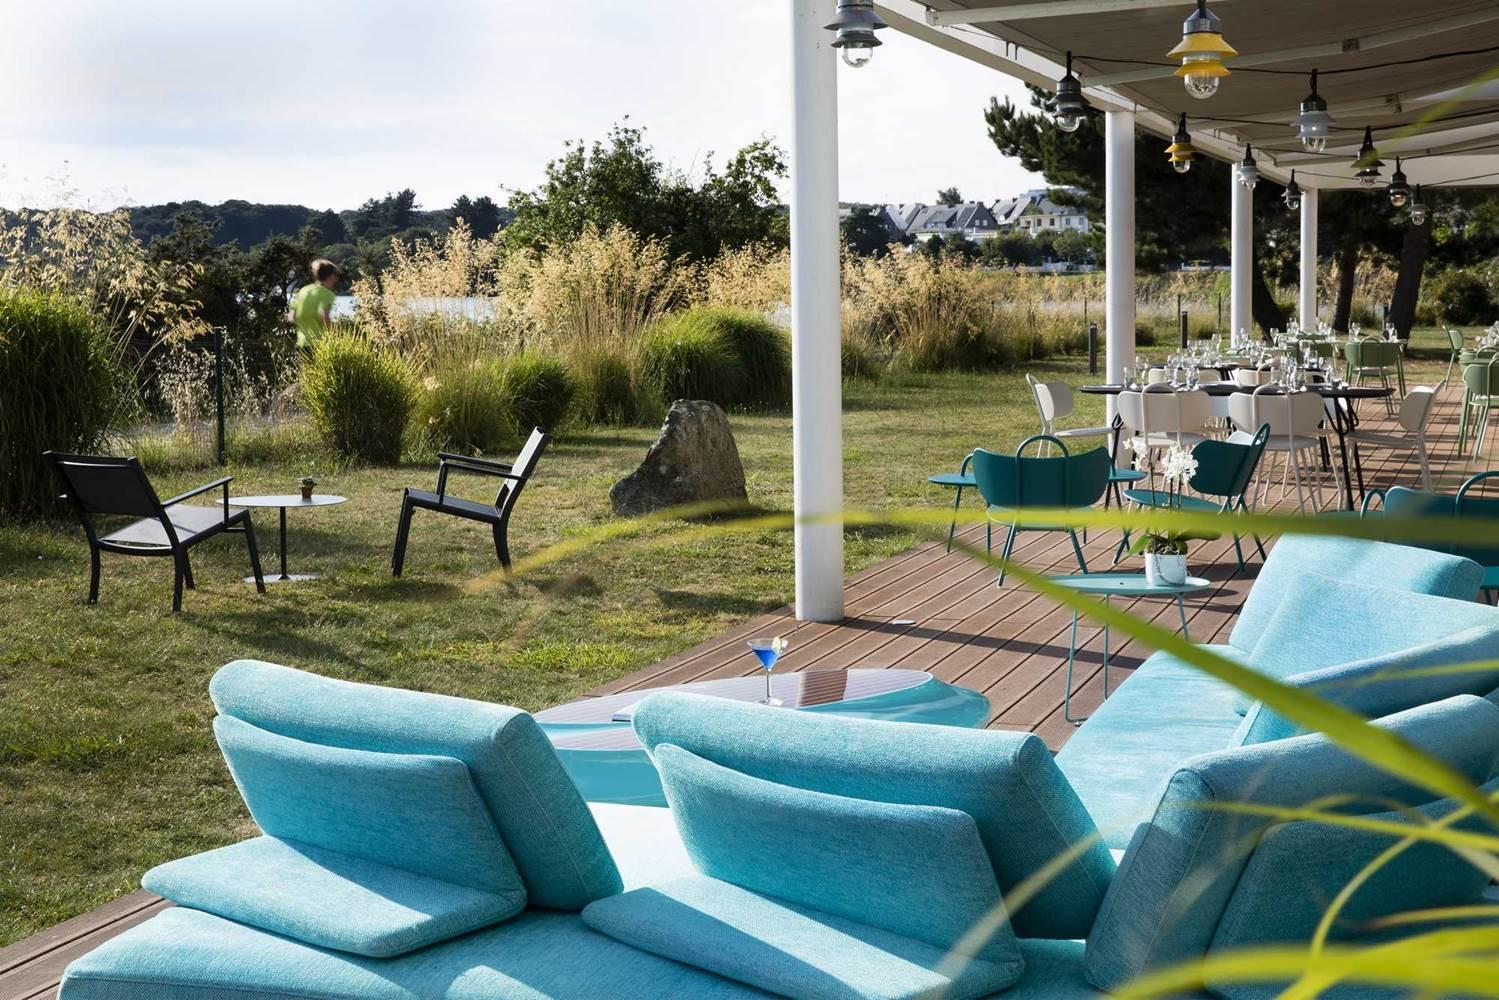 Hôtel-Restaurant-Les-Rives-du-Ter-Larmor-Groix-Lorient-Morbihan-Bretagne-sud © Christophe Bielsa